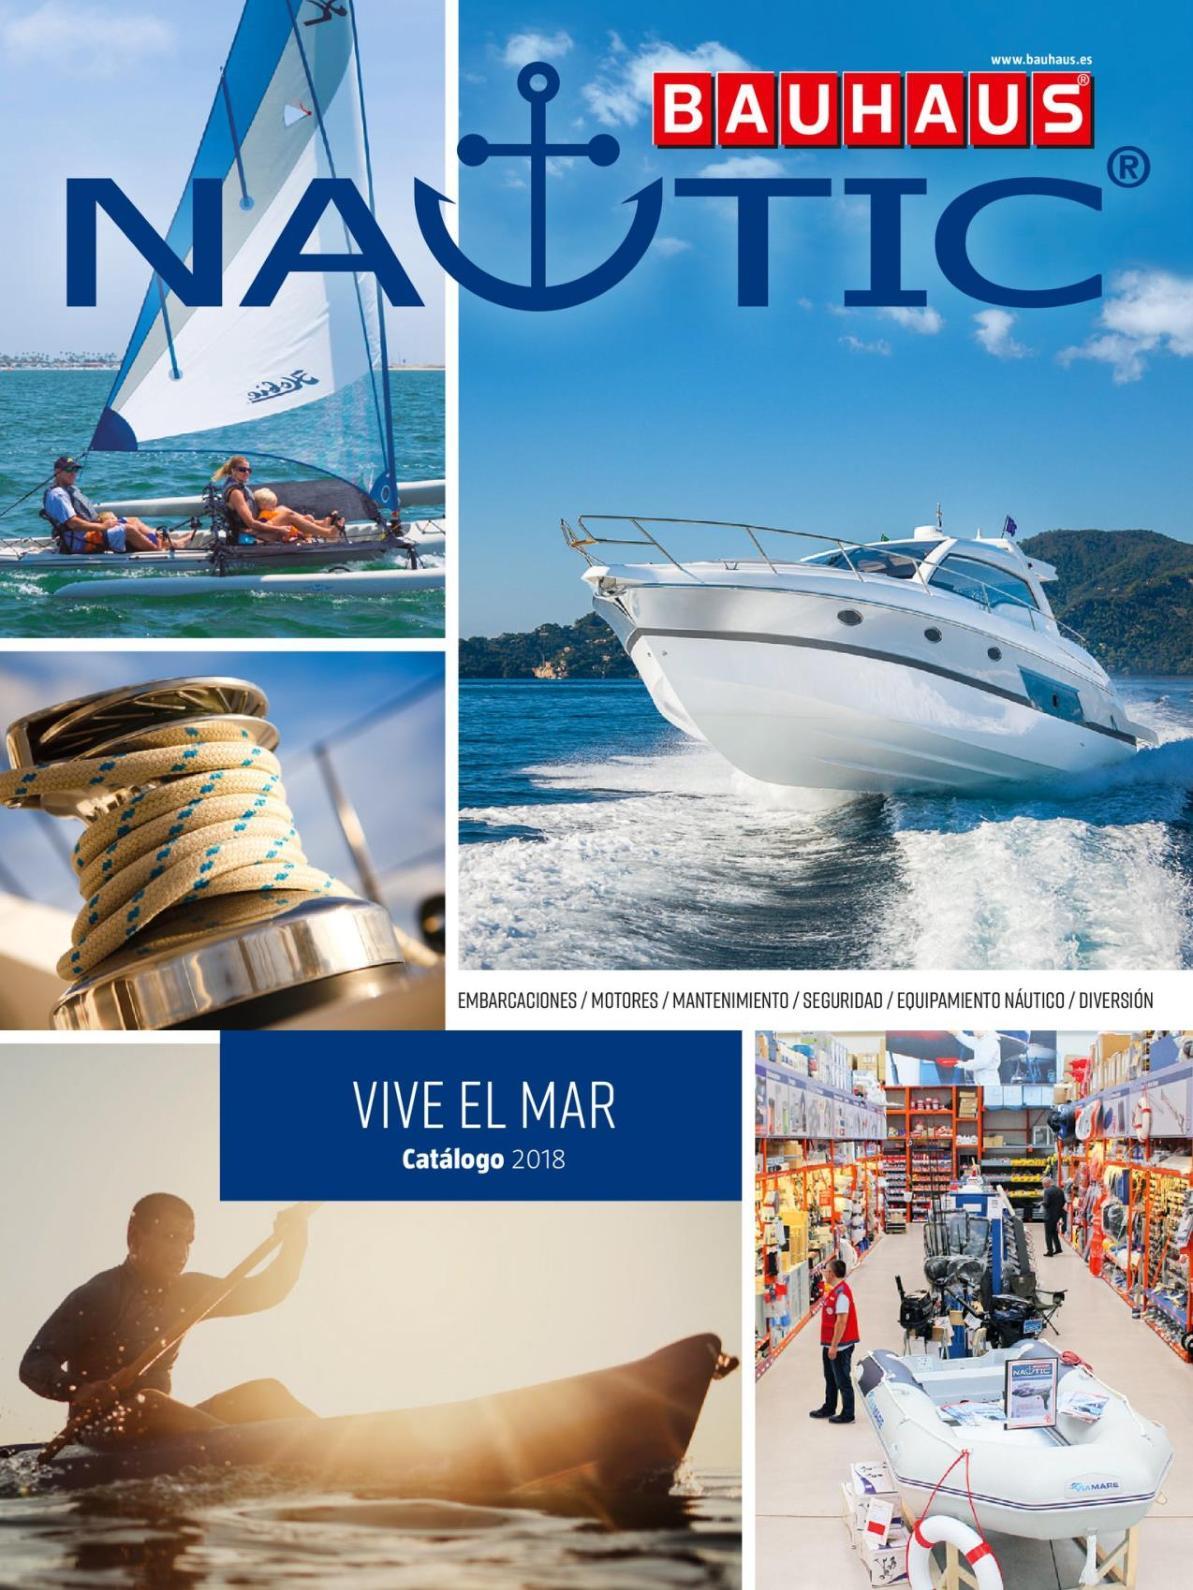 Bauhaus: Nautic.Vive el mar